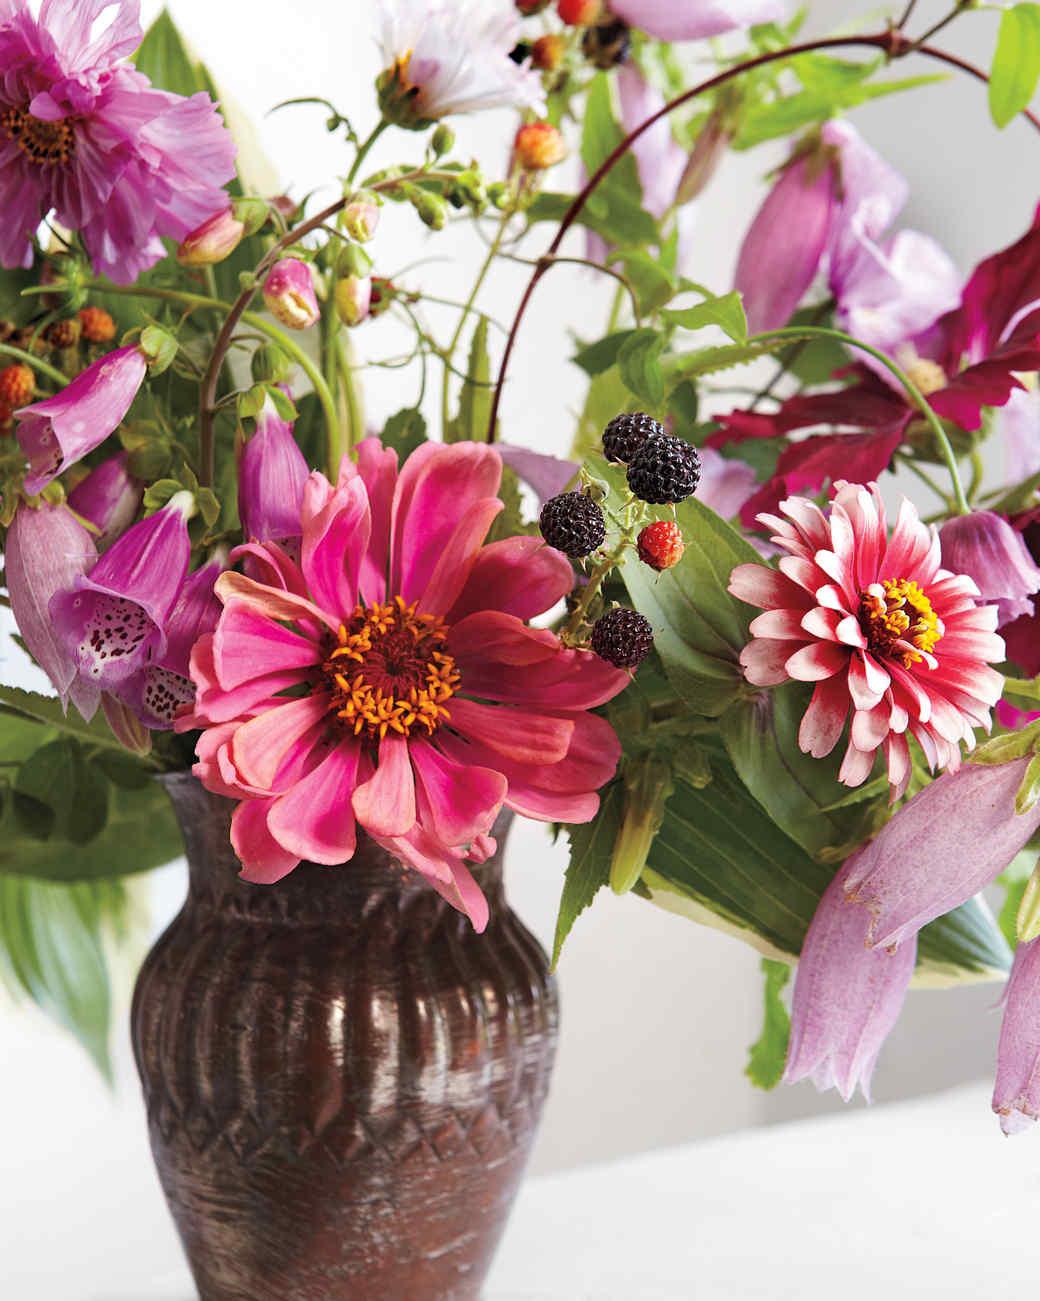 colorful-arrangement-053-d110446.jpg